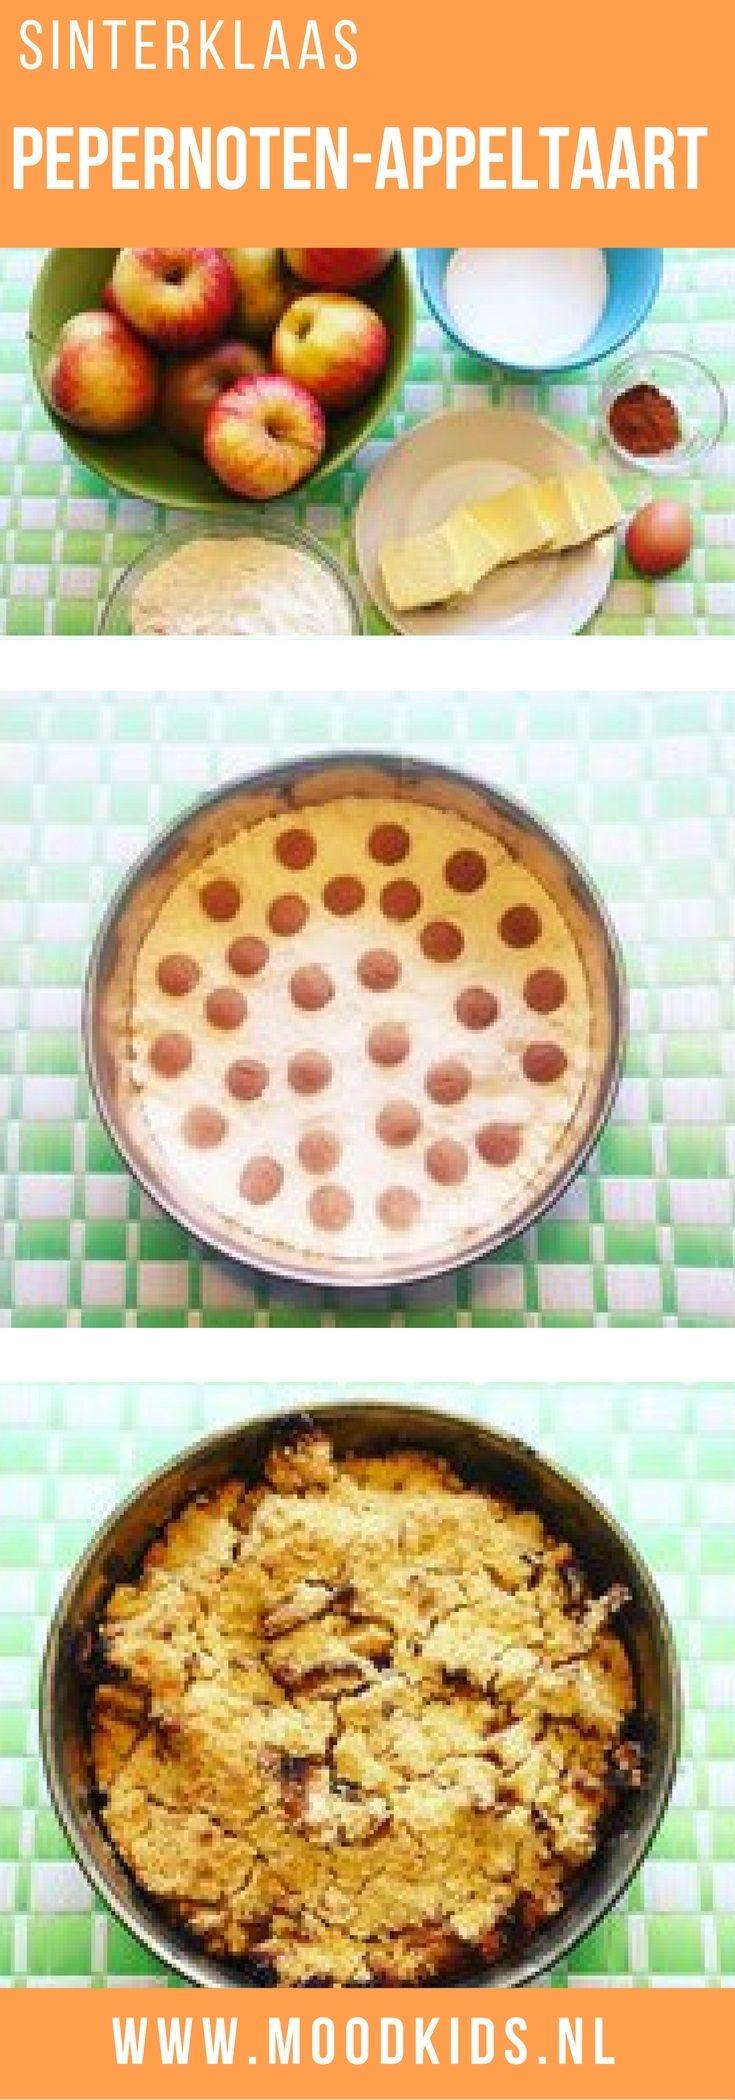 Met de leftover kruidnootjes gaan we bakken. Met pepernoten maken we een heerlijke appeltaart en we drinken warme chocomelk van de overgebleven chocoladeletters. De recepten vind je hier.